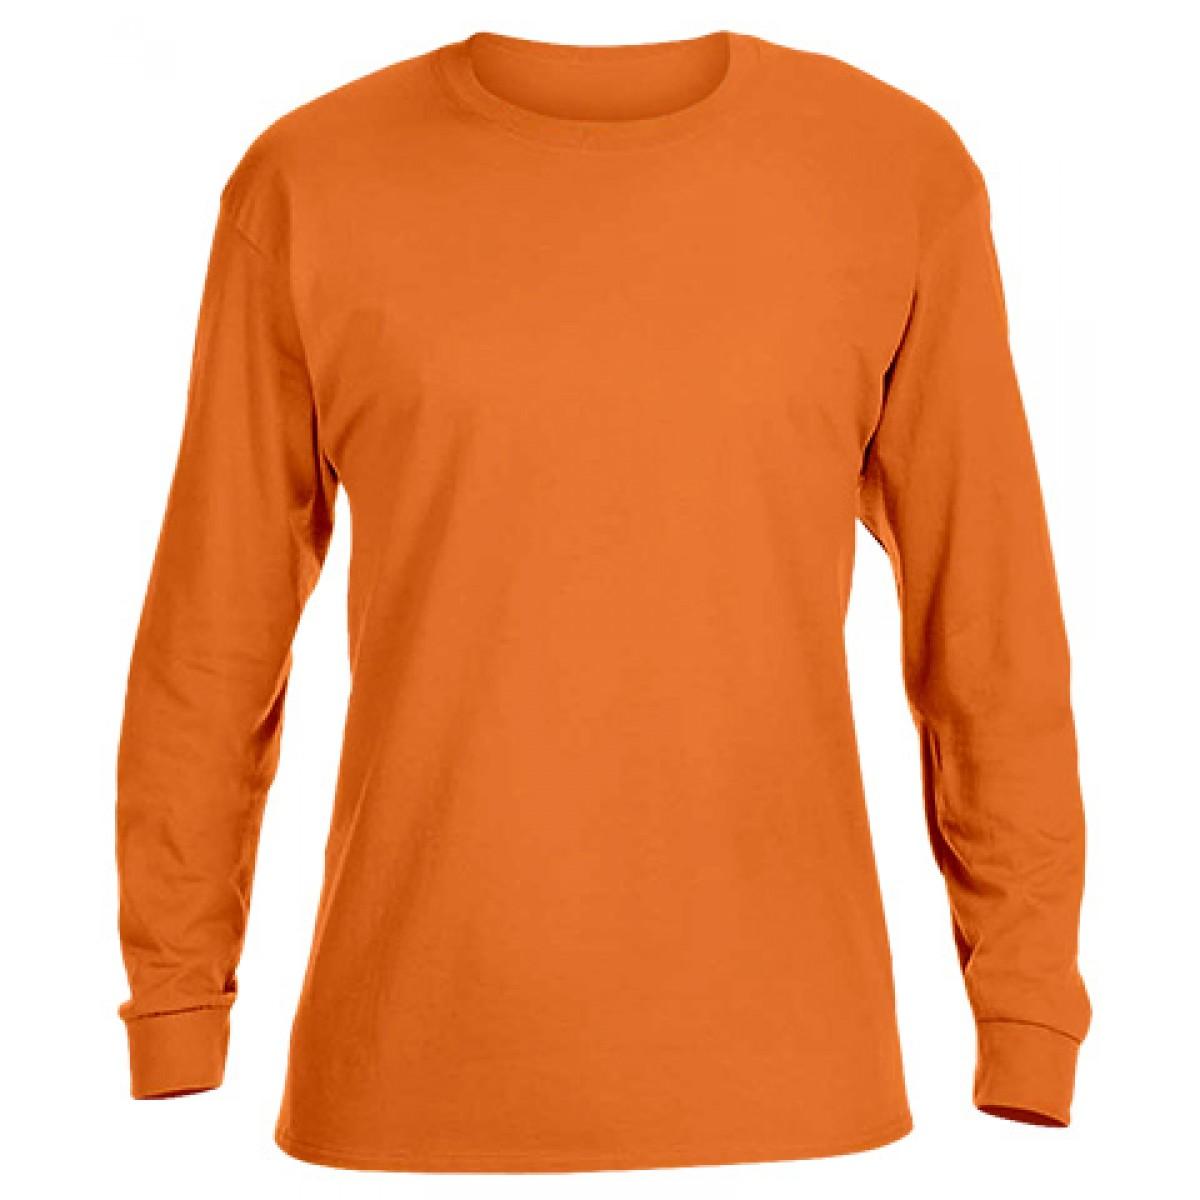 Basic Long Sleeve Crew Neck -Orange-2XL